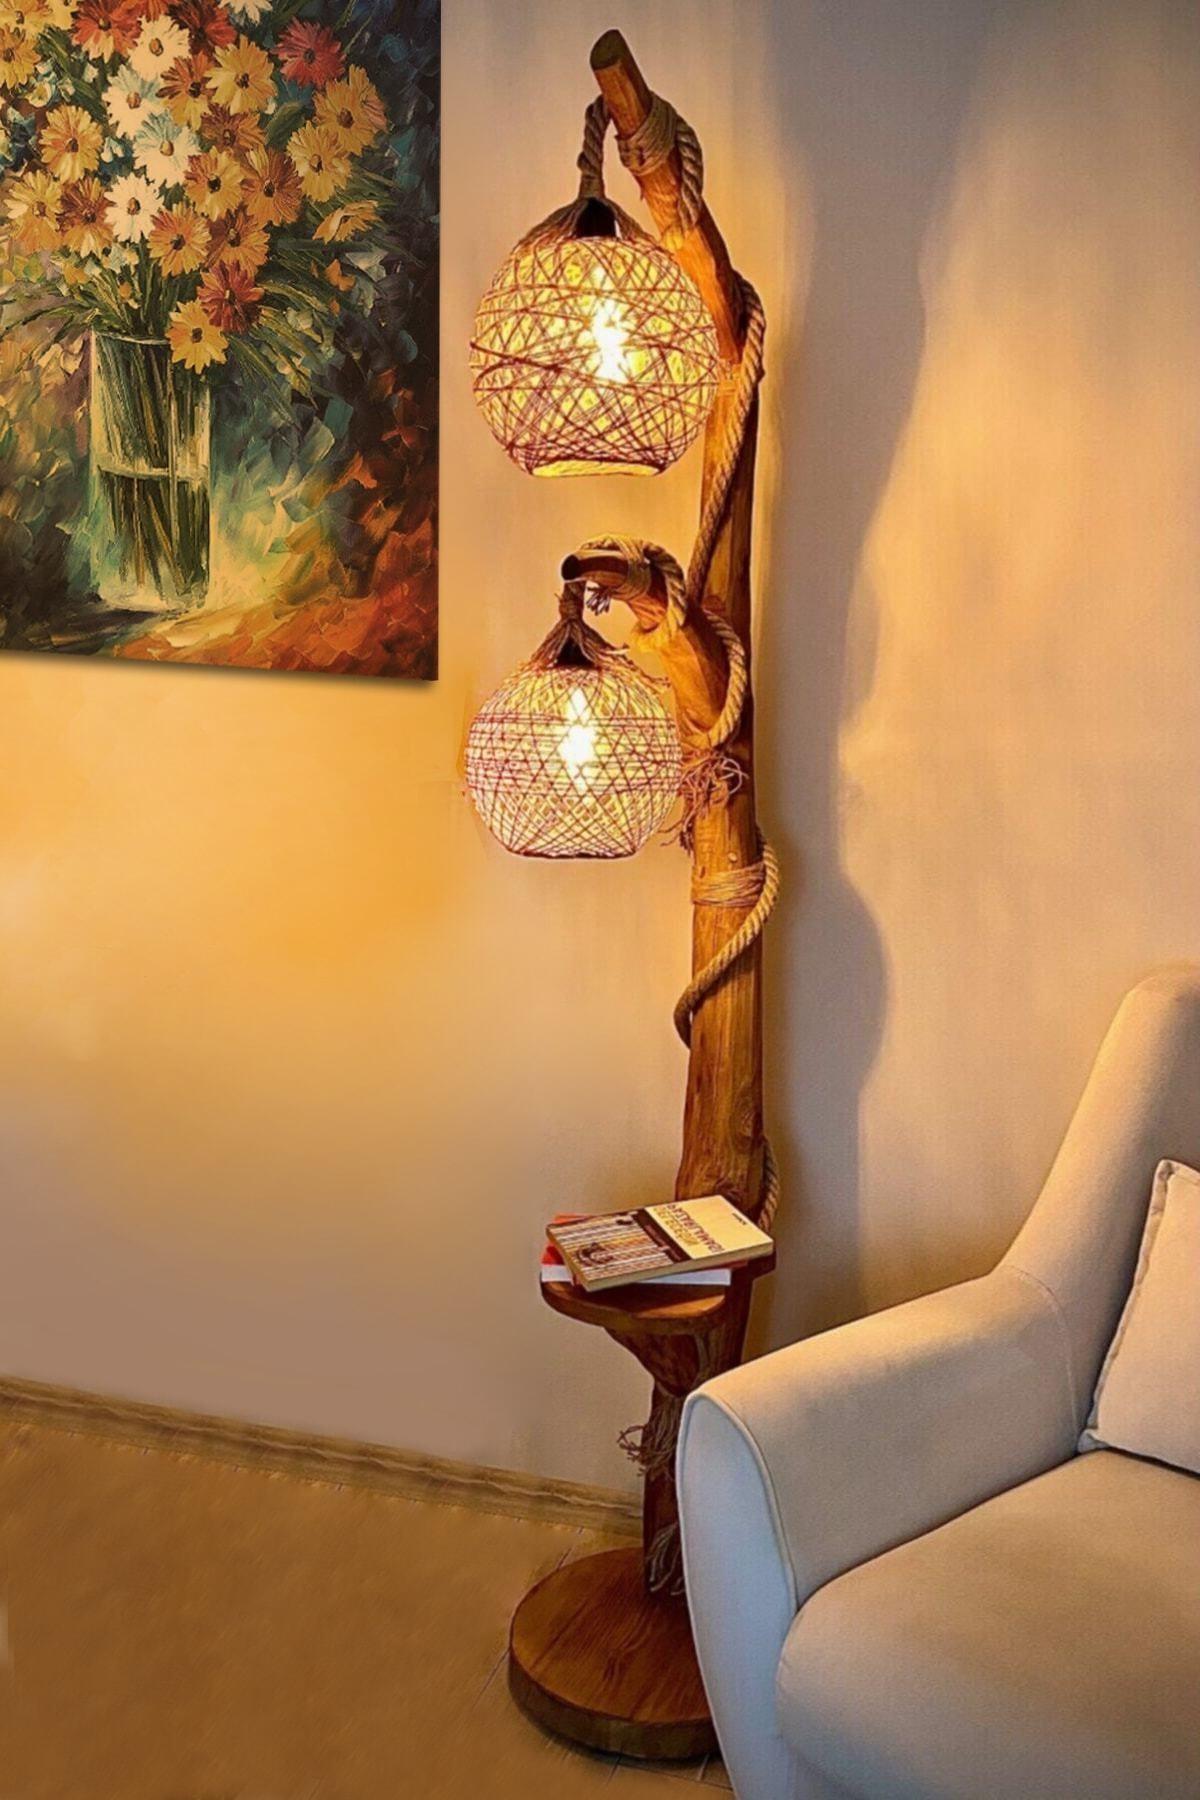 Brown Natural Wood Double Sphere Lighting Floor Lamp 140cm Floor Standing Chandelier